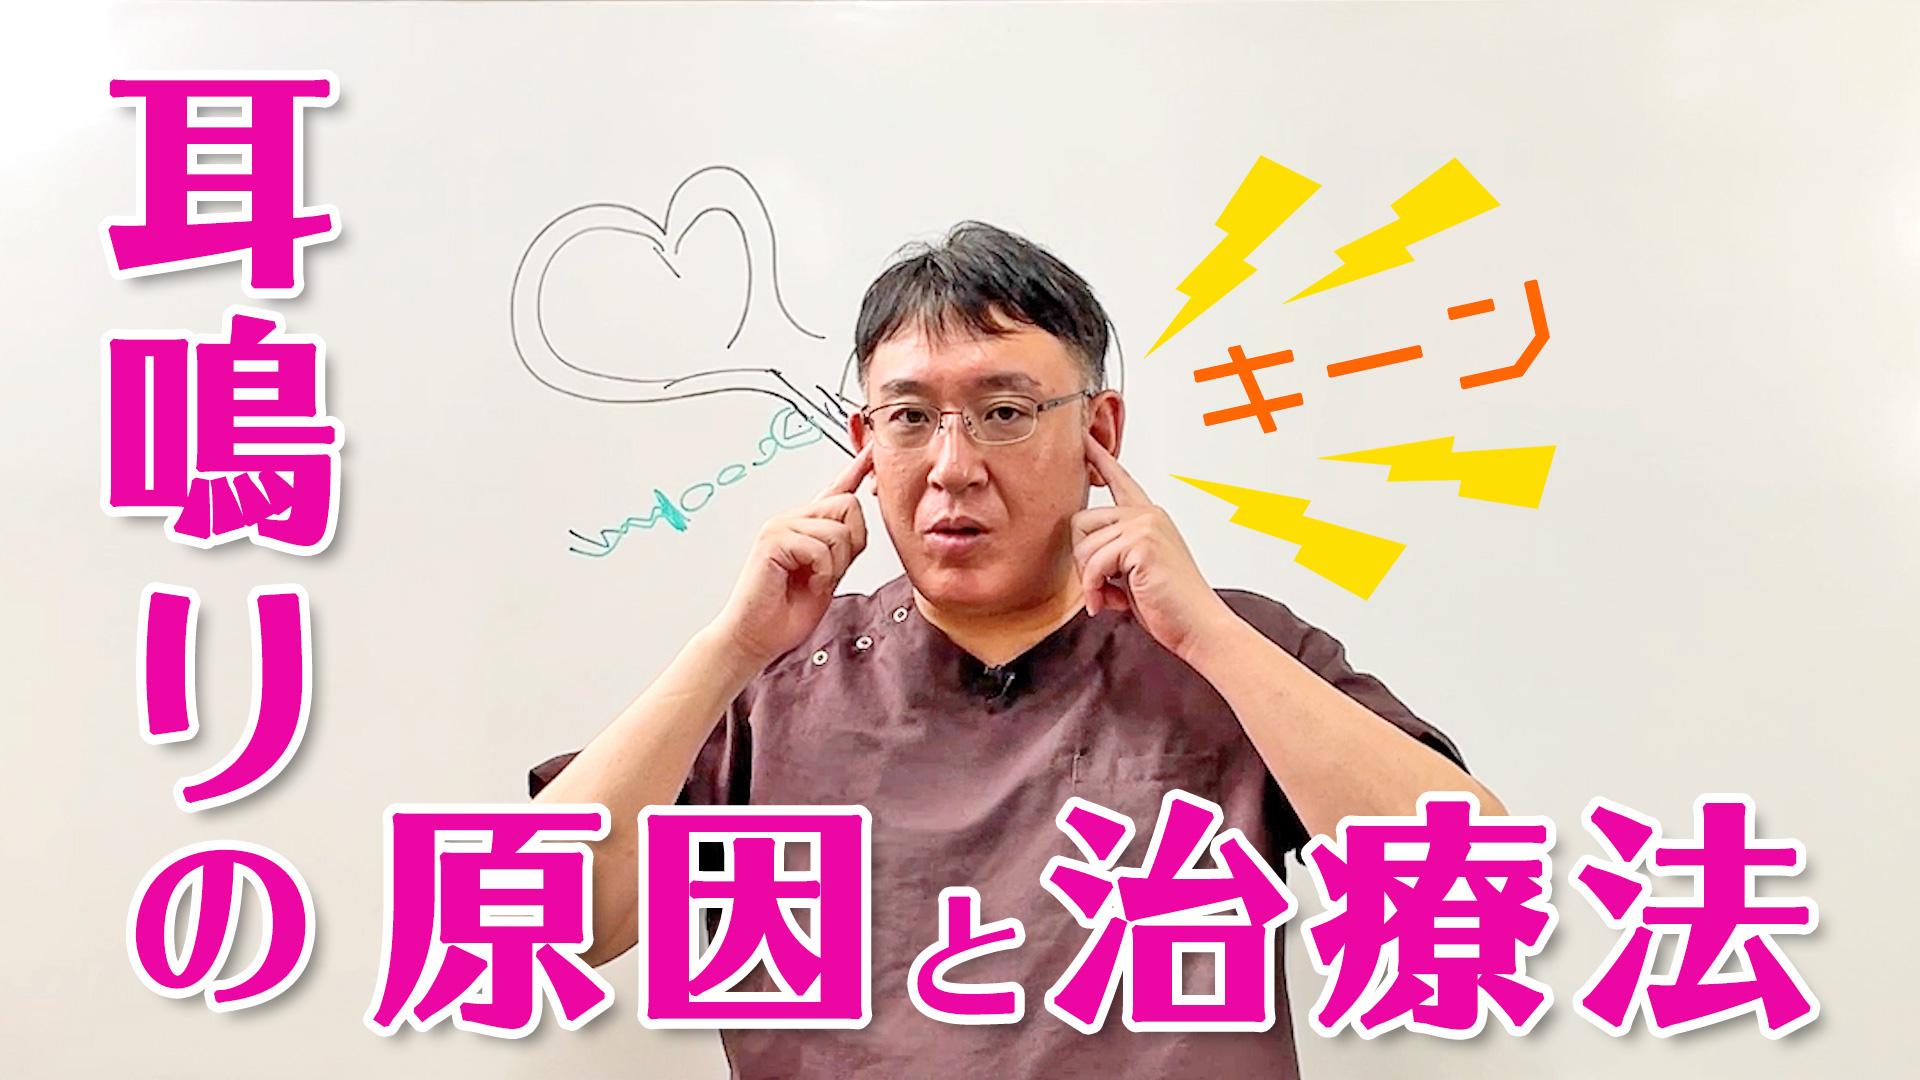 Youtube動画アップしました【耳鳴りの7つの原因】ストレスな耳鳴りの原因と治療法 難聴とメニエルの関係